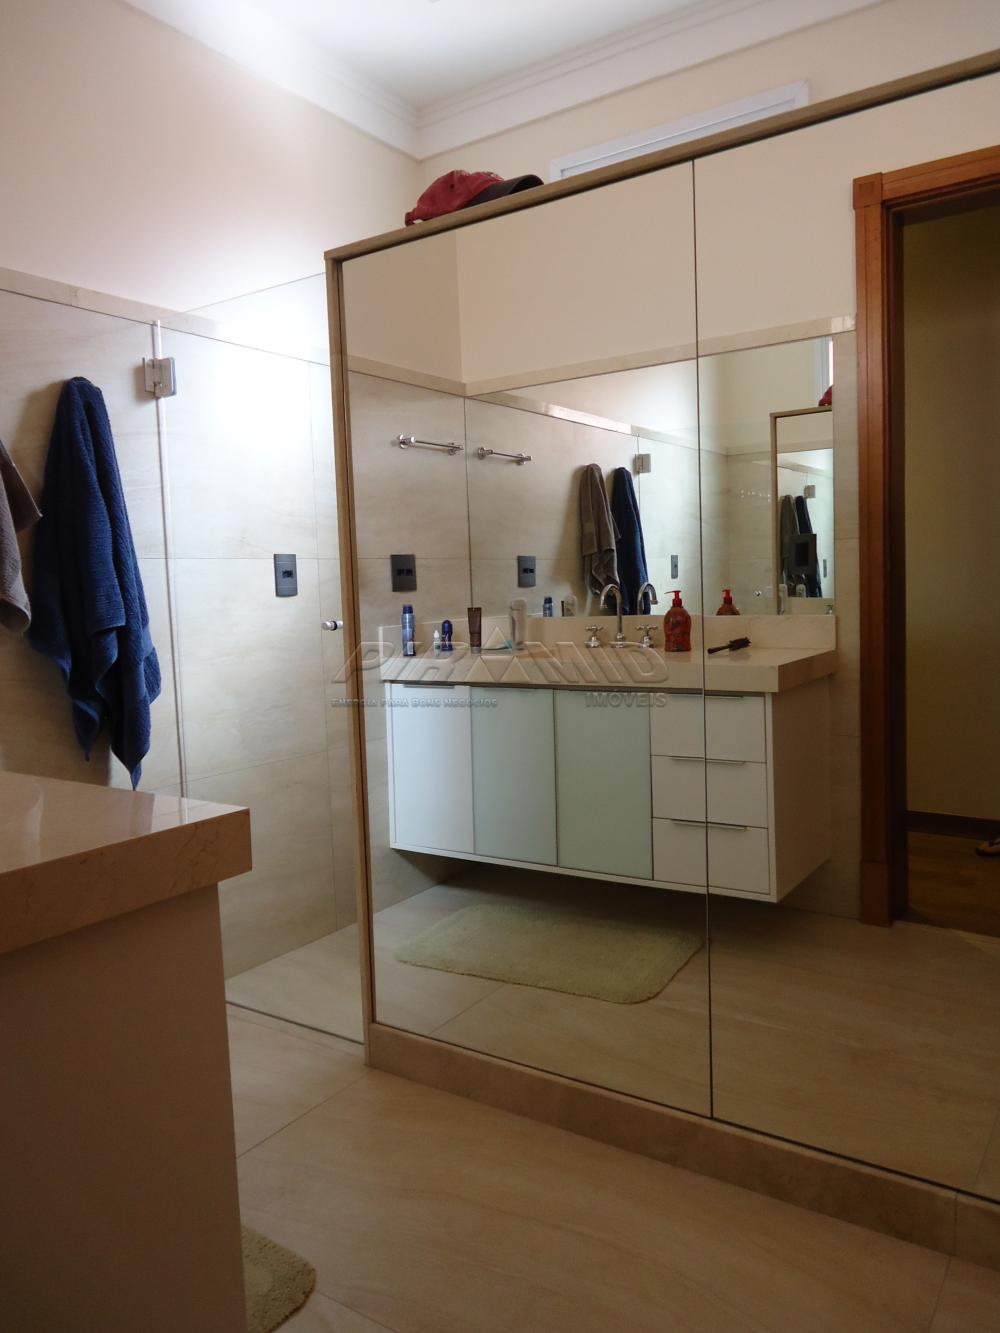 Comprar Casa / Condomínio em Ribeirão Preto apenas R$ 2.600.000,00 - Foto 35